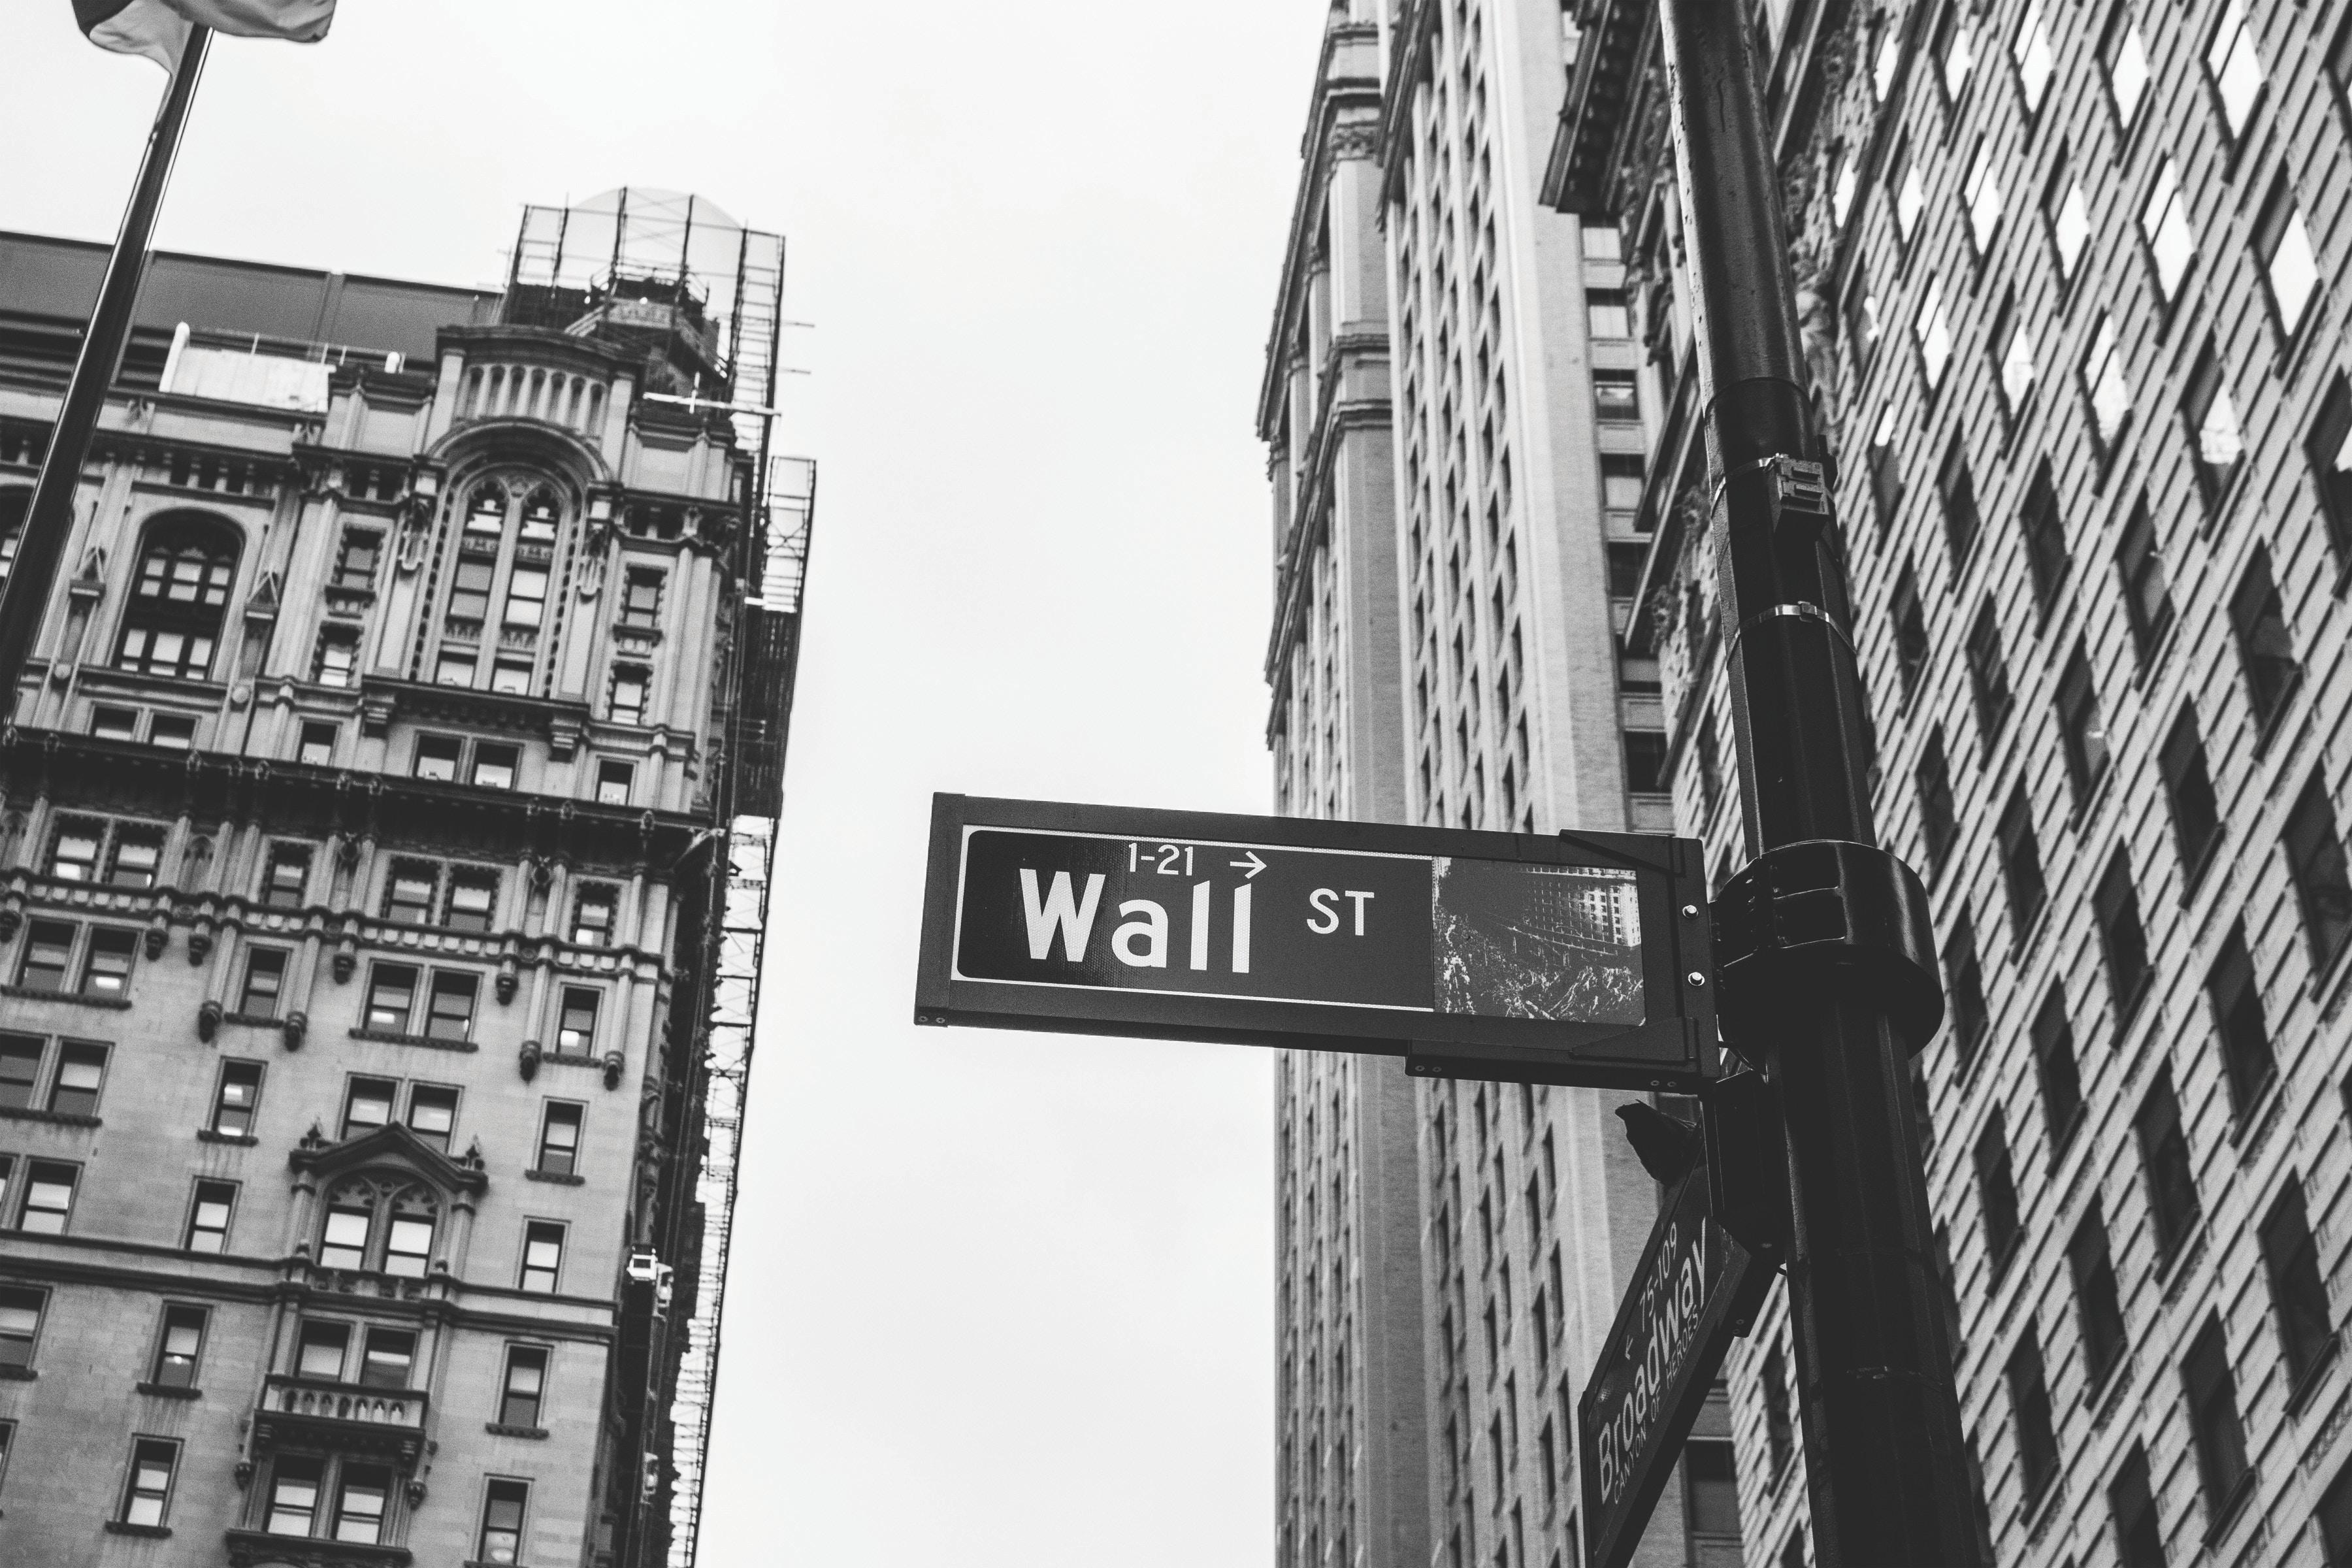 【手堅い投資】投資信託とは?失敗しない商品の特徴と選び方のポイント/初心者向け